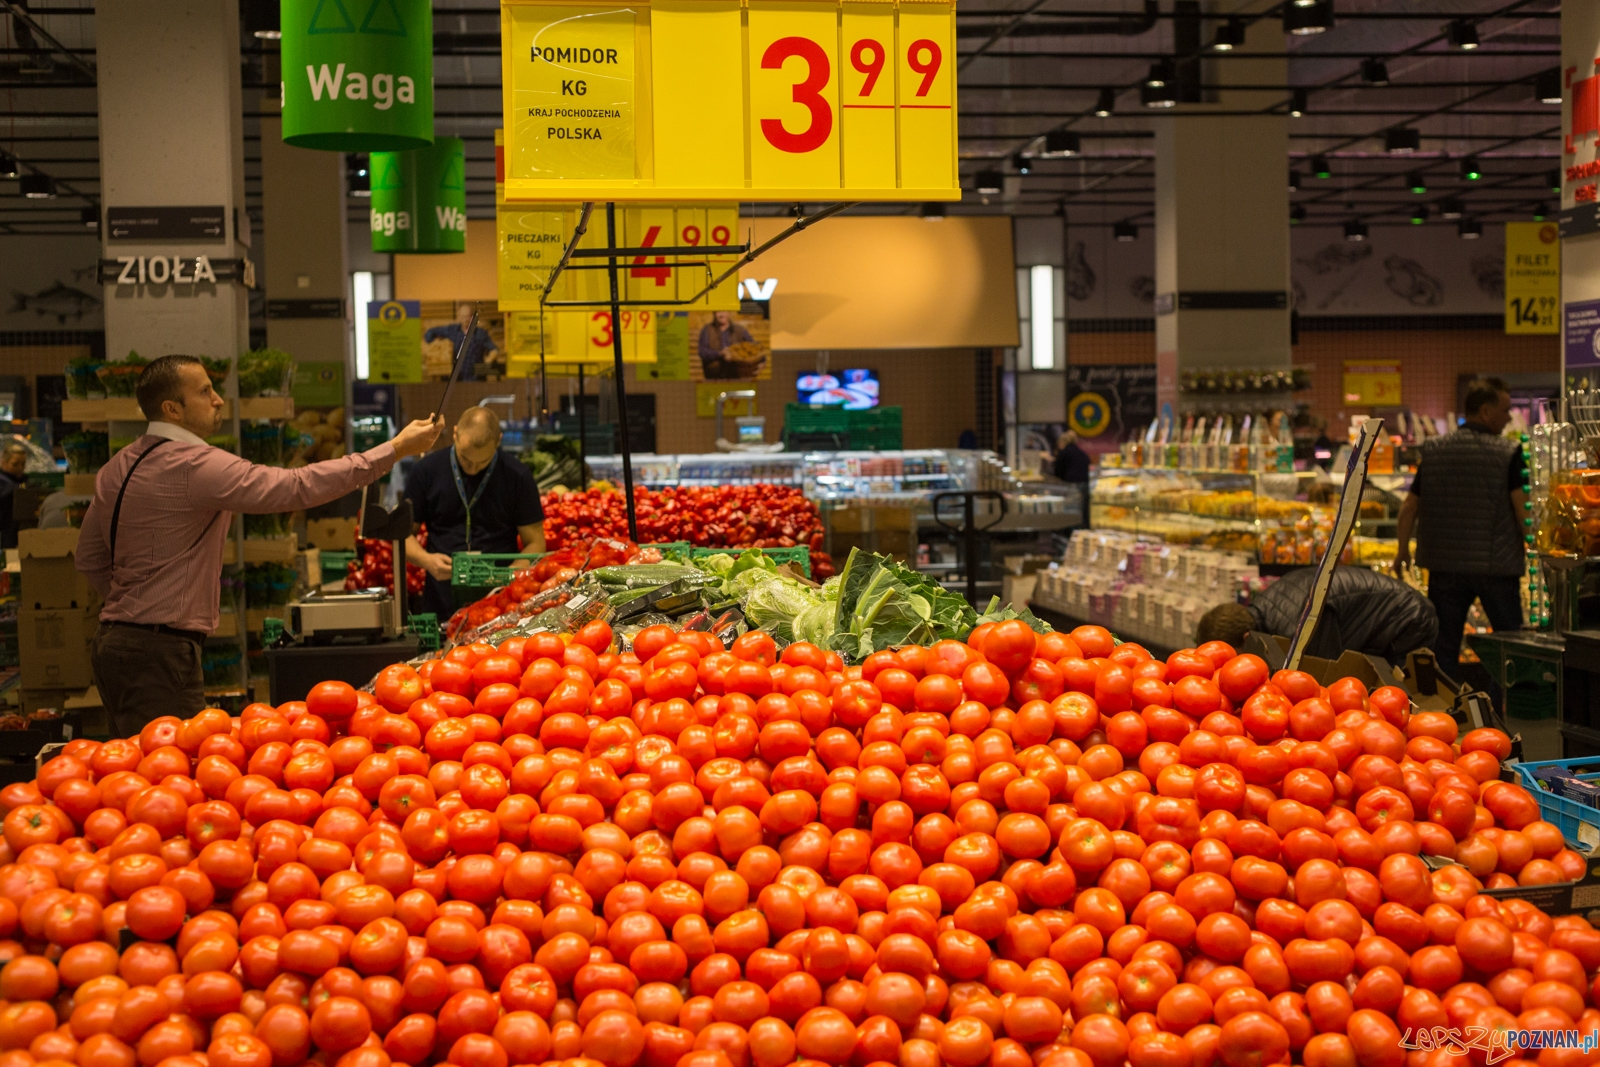 Pomidory, warzywa, stragan  Foto: lepszyPOZNAN.pl / Piotr Rychter